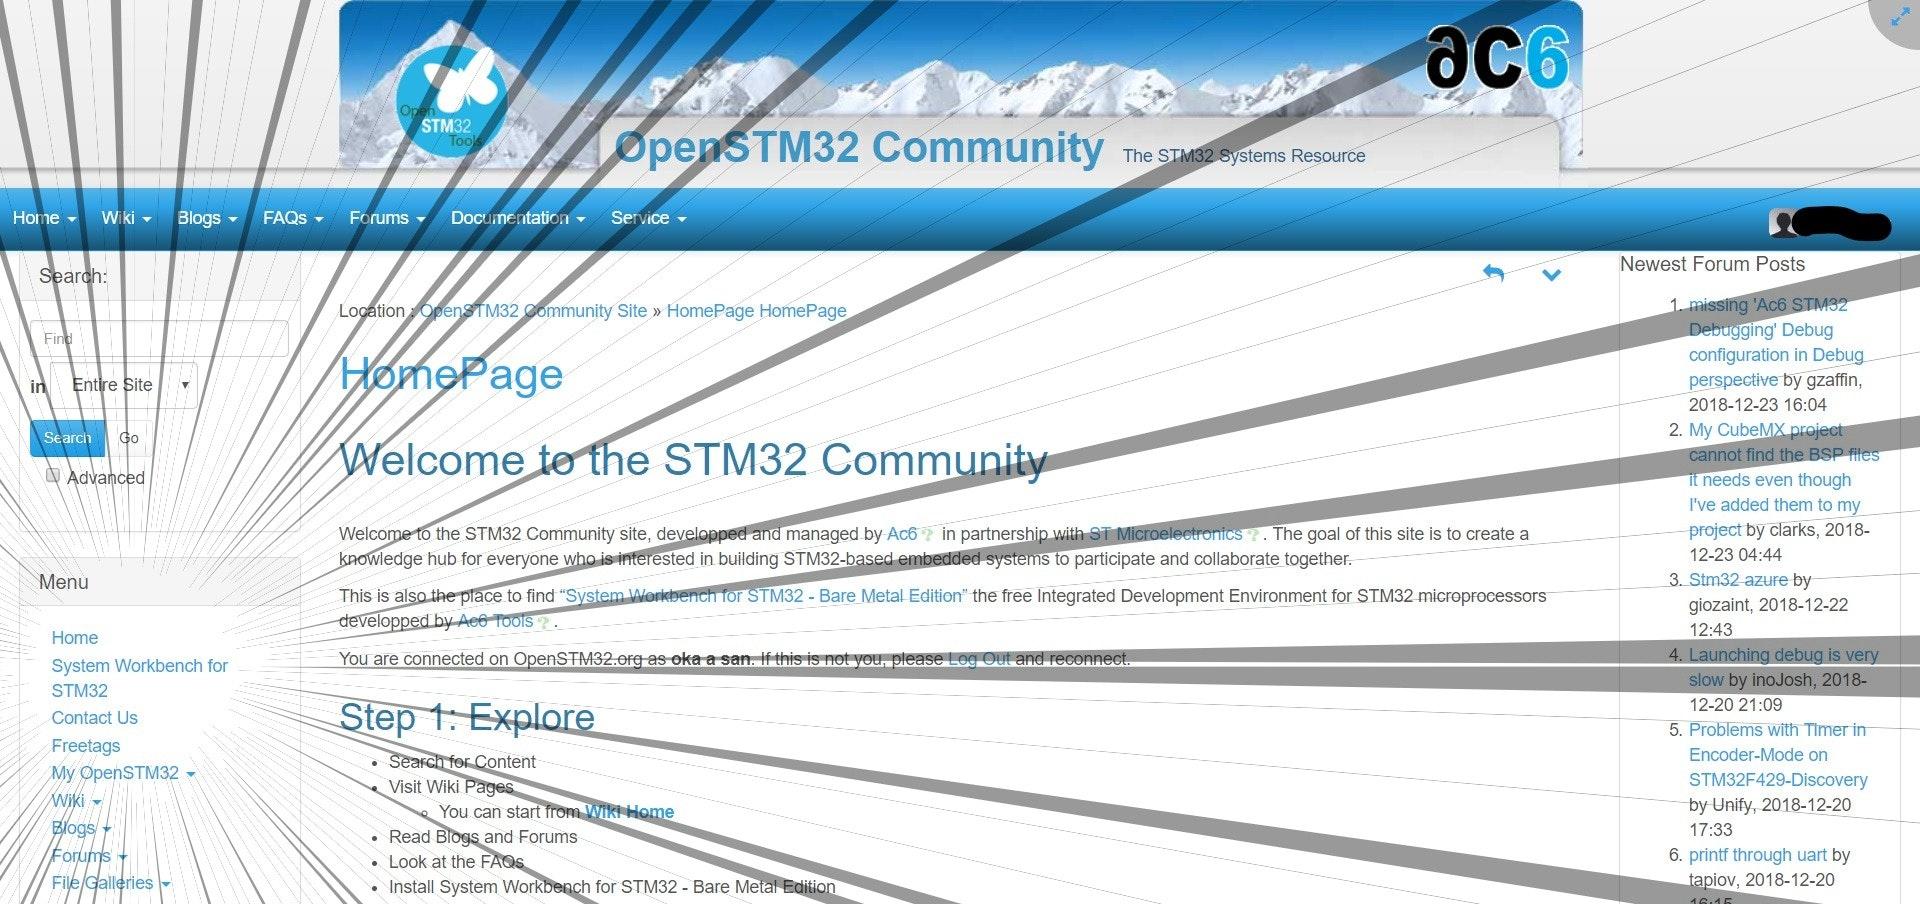 FireShot Capture 6 - OpenSTM32 Community Site I HomePage - http___www.openstm32.org_HomePage_LI.jpg